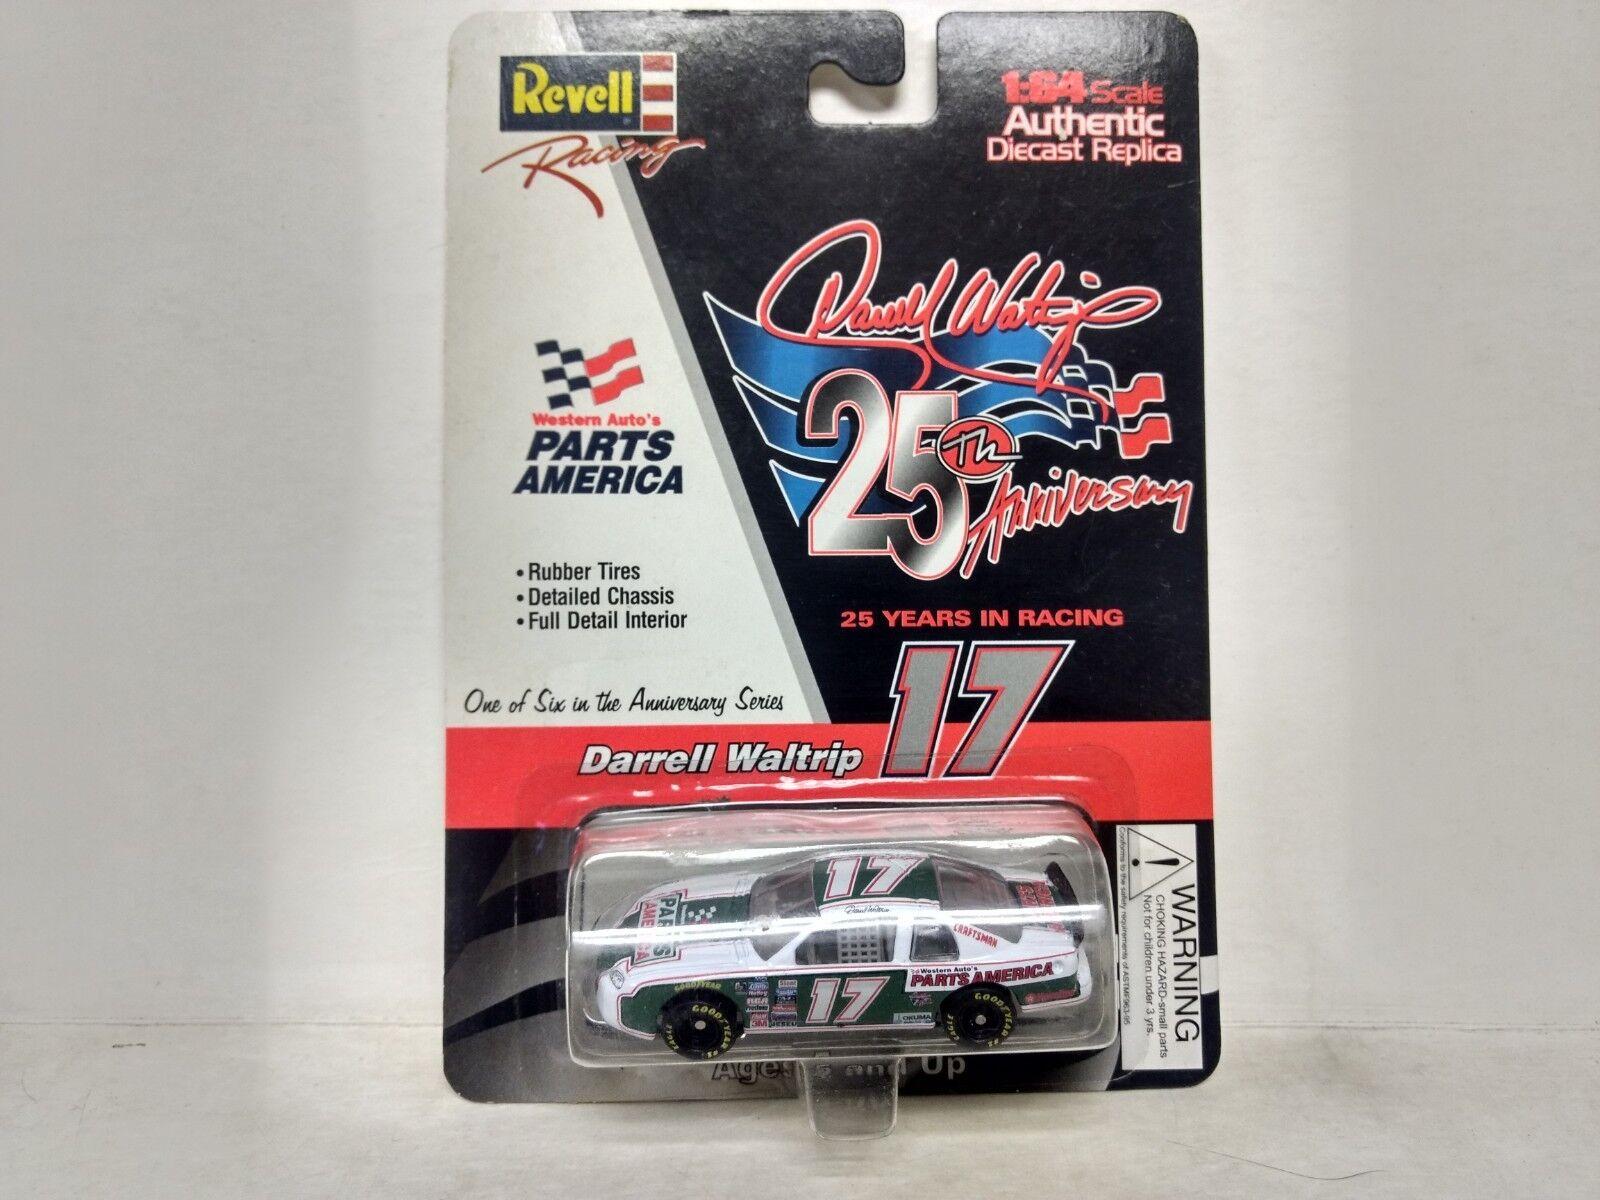 Revell Rennsport Darrell Waltrip Teile America white Auto 1 64 Skala-Modelle